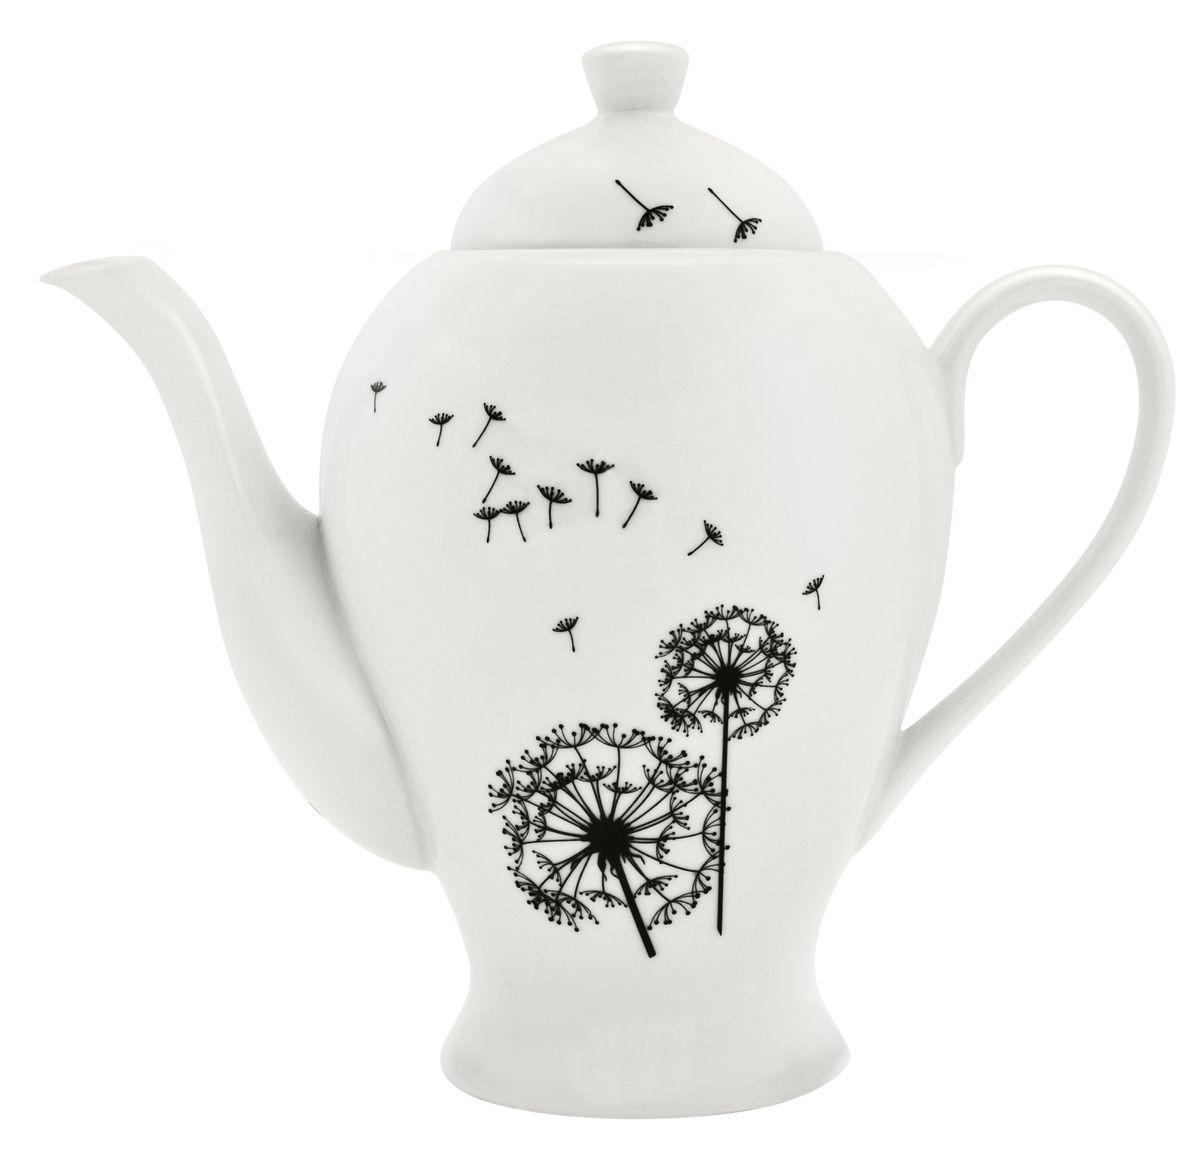 Чайник заварочный Esprado Viente, 1,29 лVNTL12BE306Чайник заварочный Esprado Viente изготовлен из высококачественного фарфора и декорирован очаровательным цветочным рисунком. Такой дизайн, несомненно, придется по вкусу и любителям классики, и тем кто ценит красоту и изящество. Такой чайник украсит ваш кухонный стол, а также станет замечательным подарком к любому празднику. Можно использовать в микроволновой печи и мыть в посудомоечной машине.